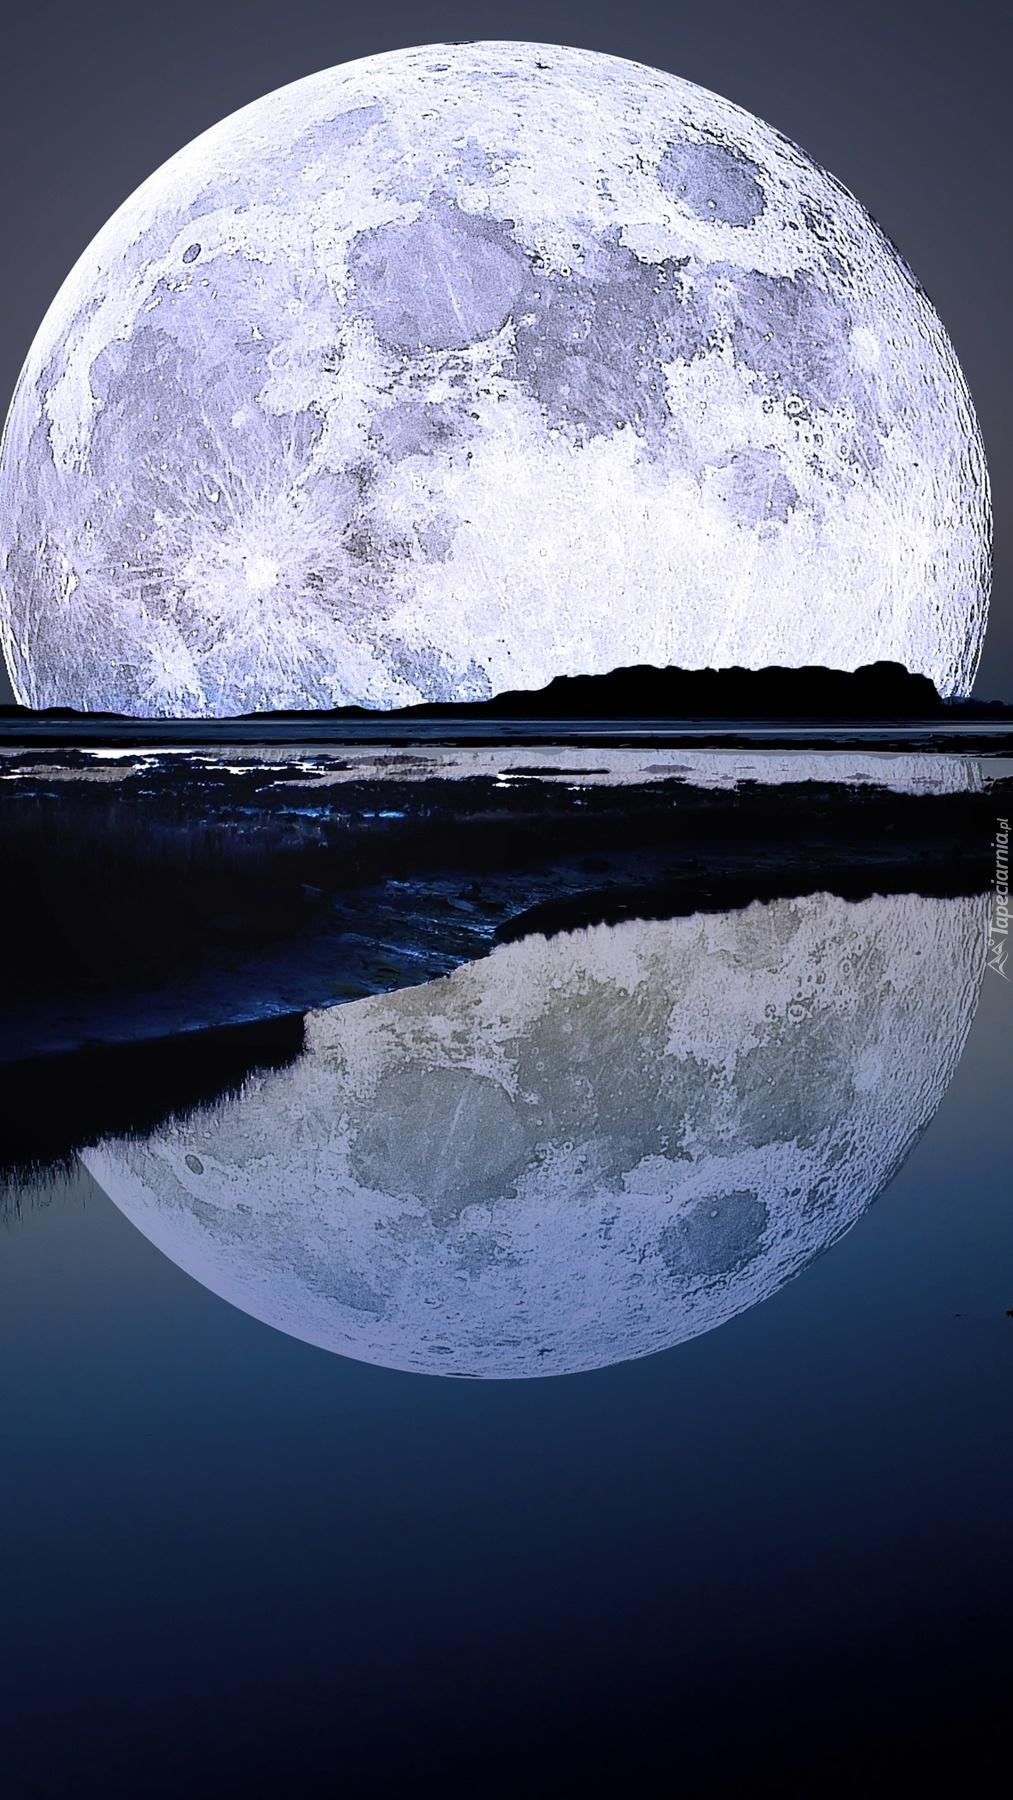 Nocne odbicie księżyca w wodzie